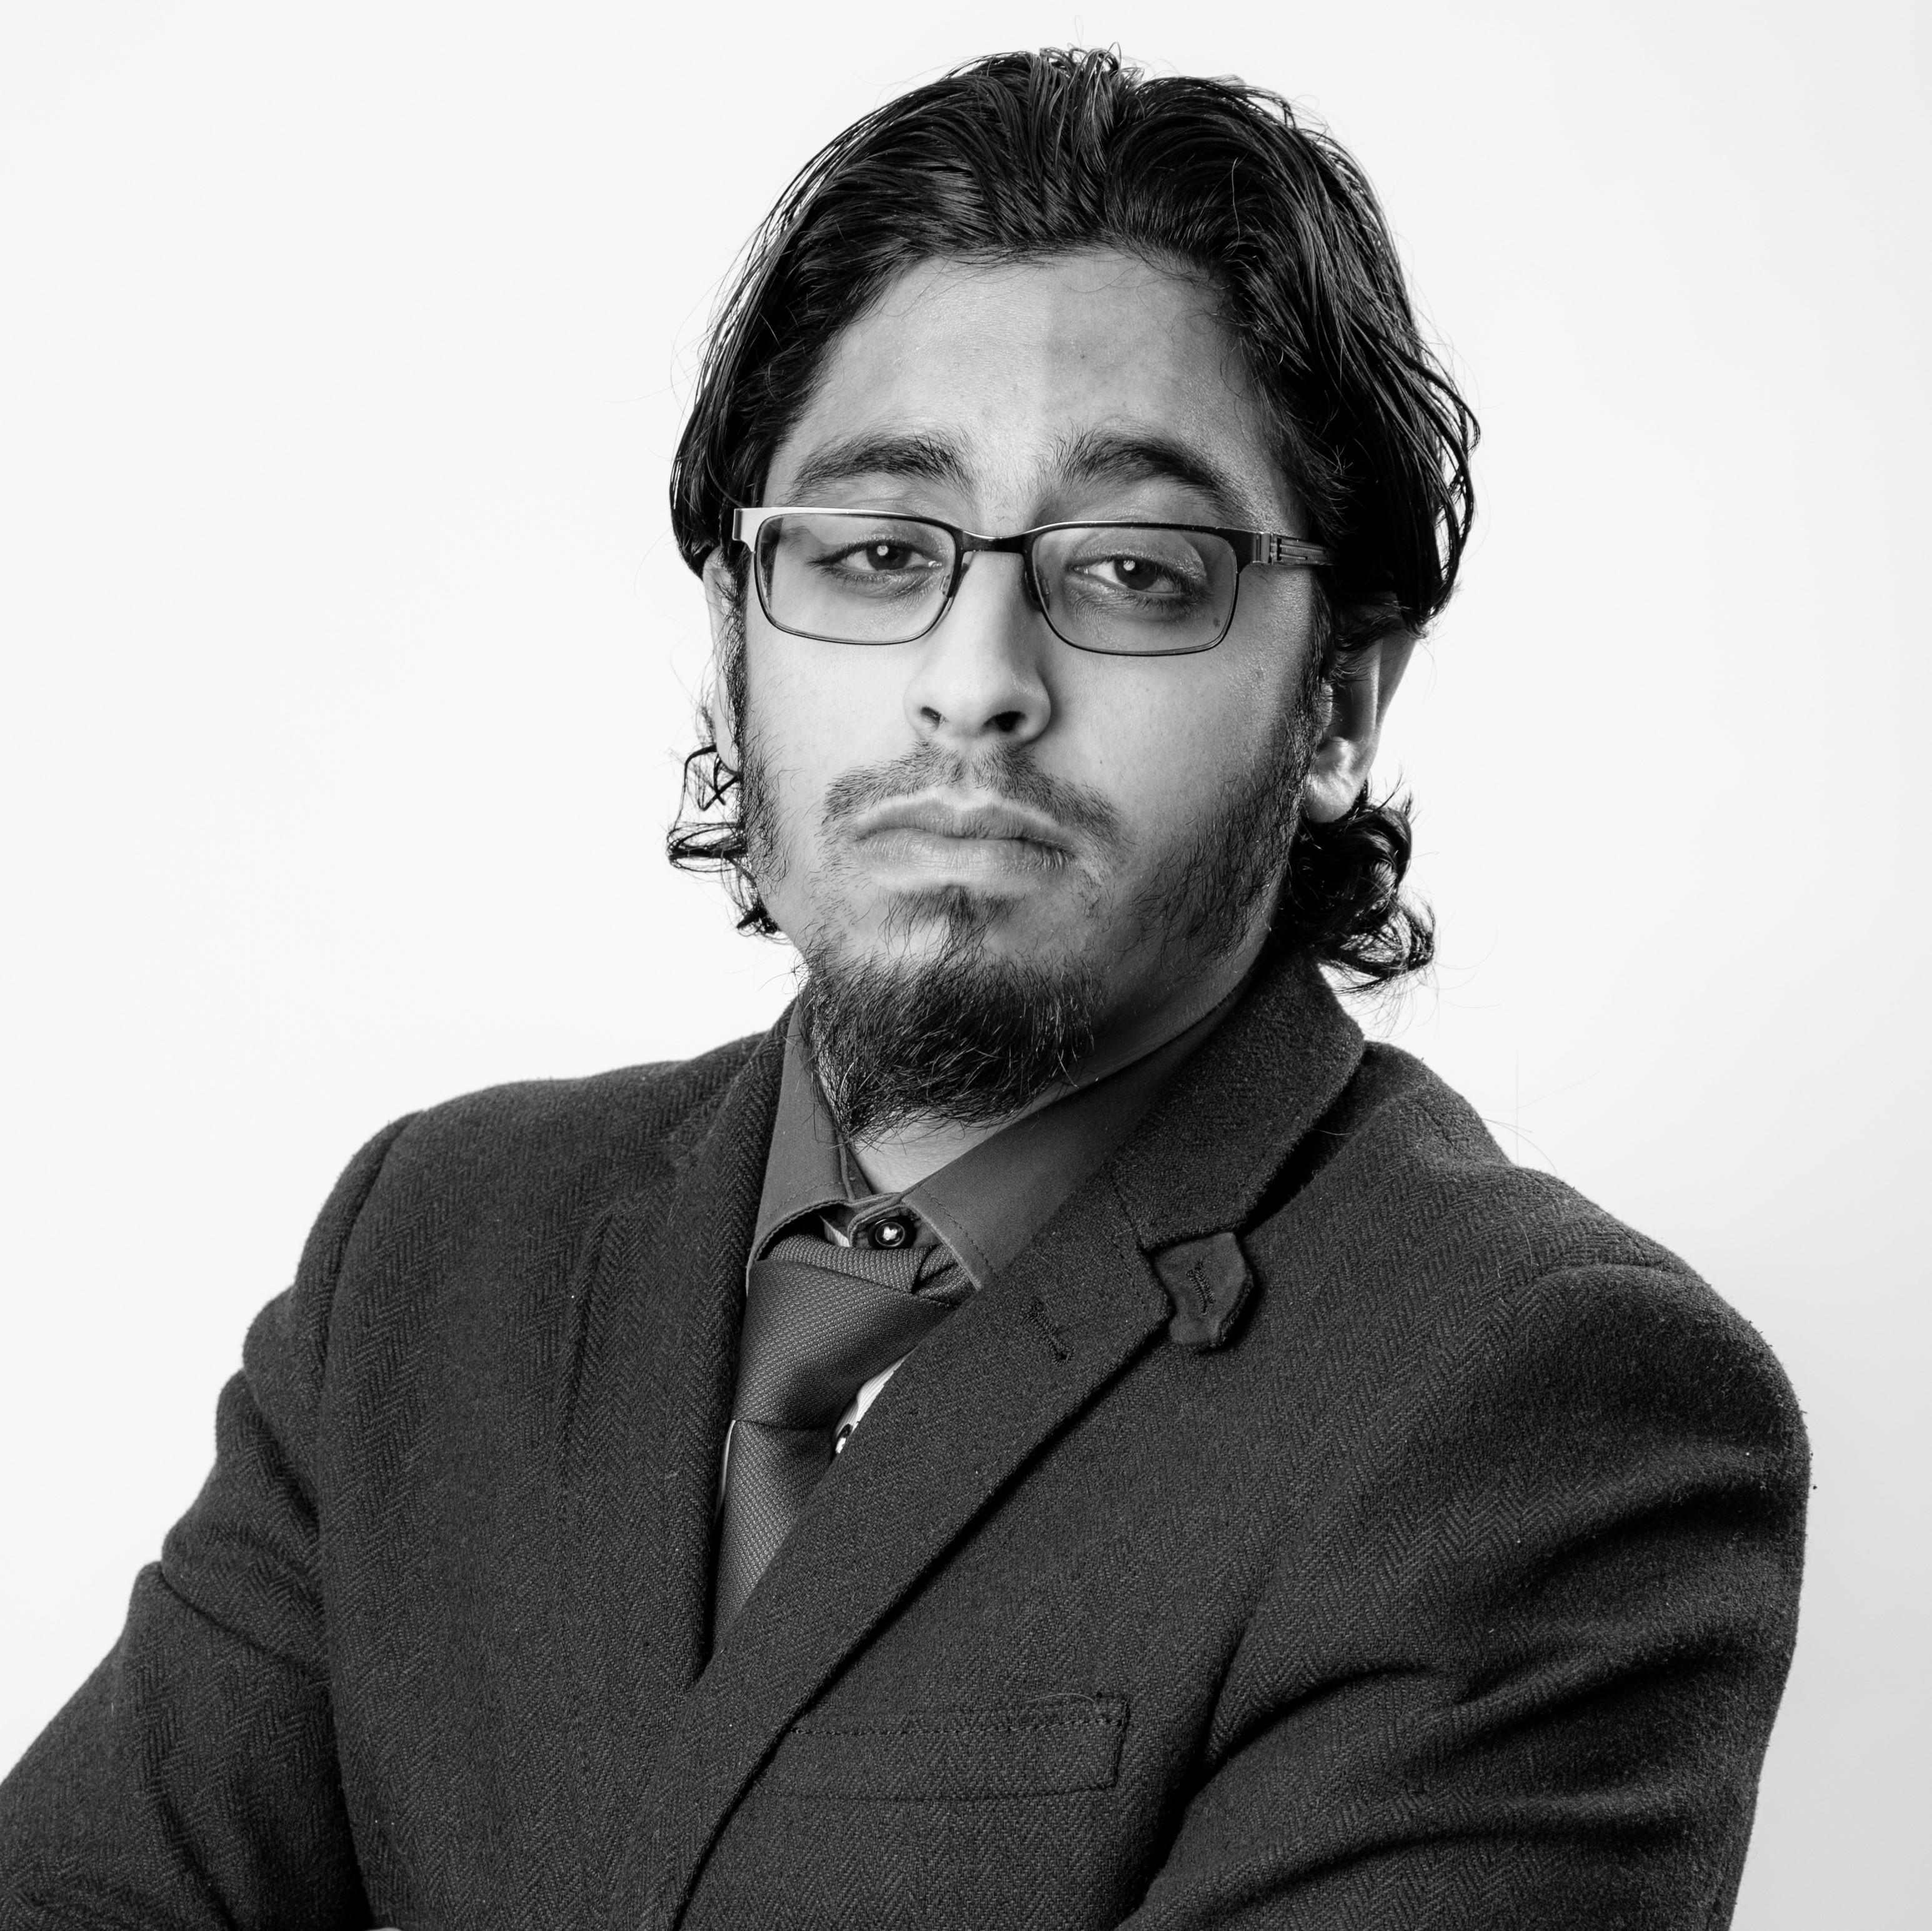 Yasir Afzal